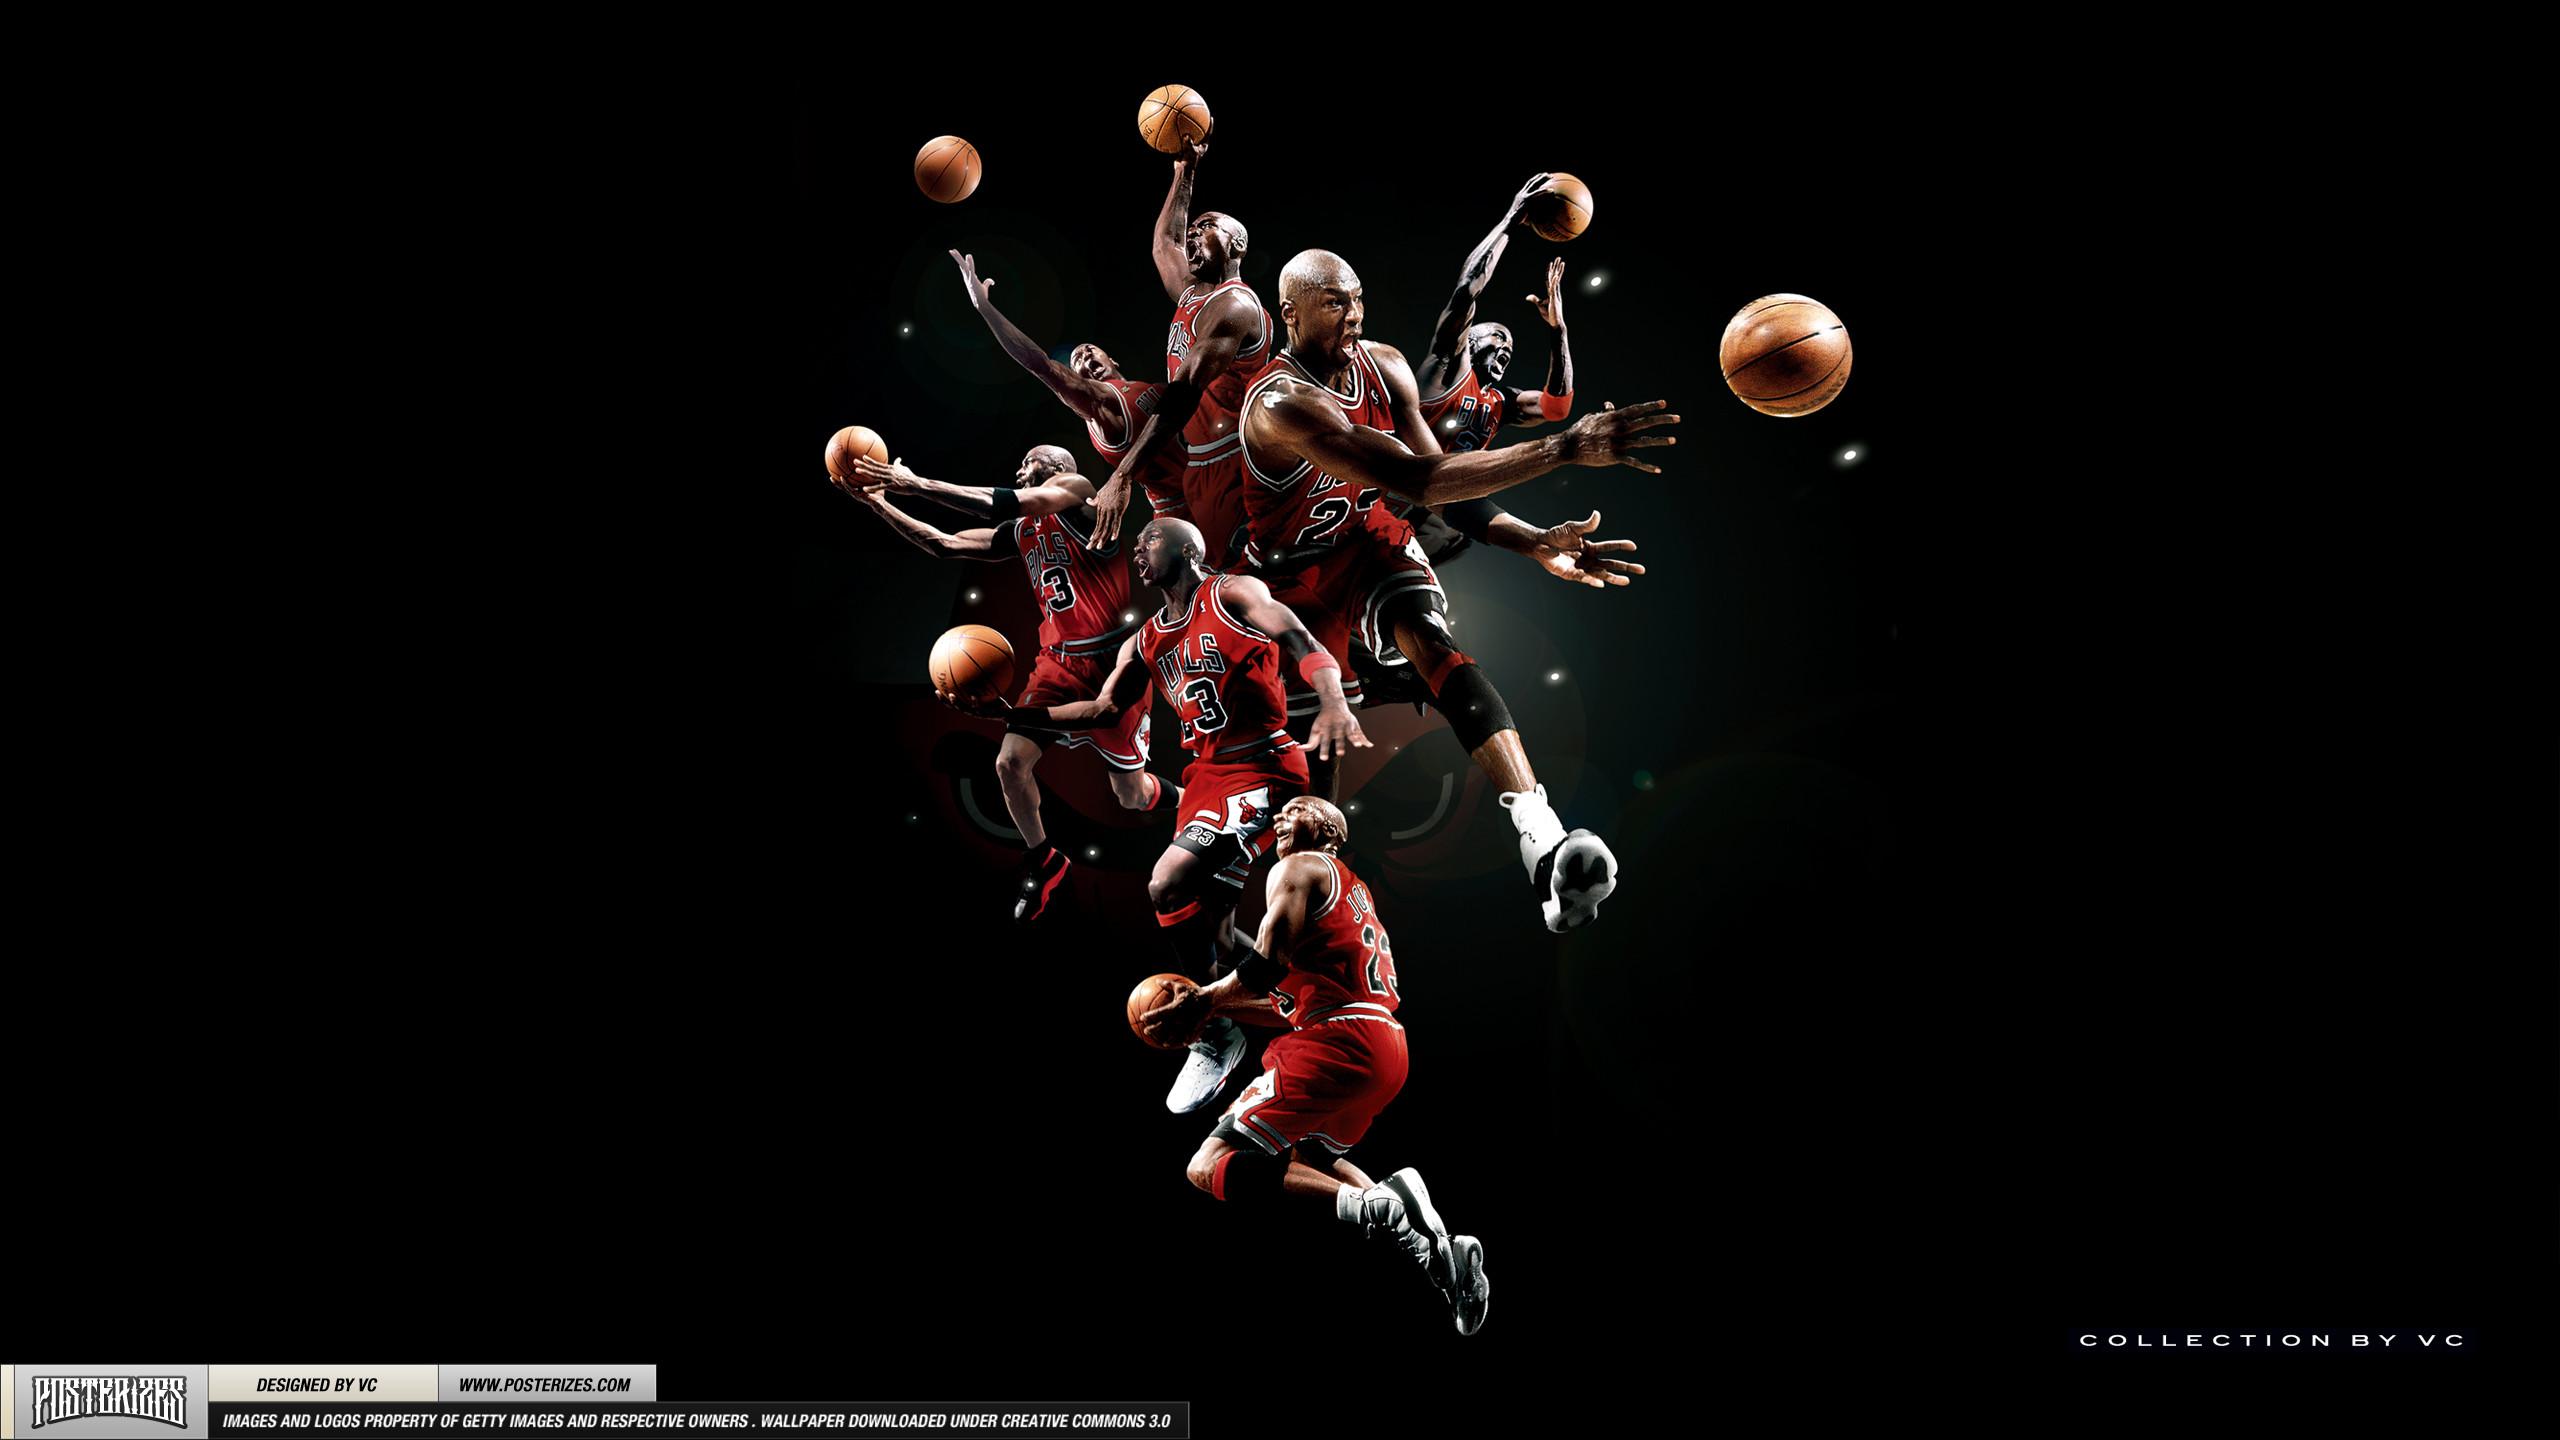 His Airness – Michael Jordan